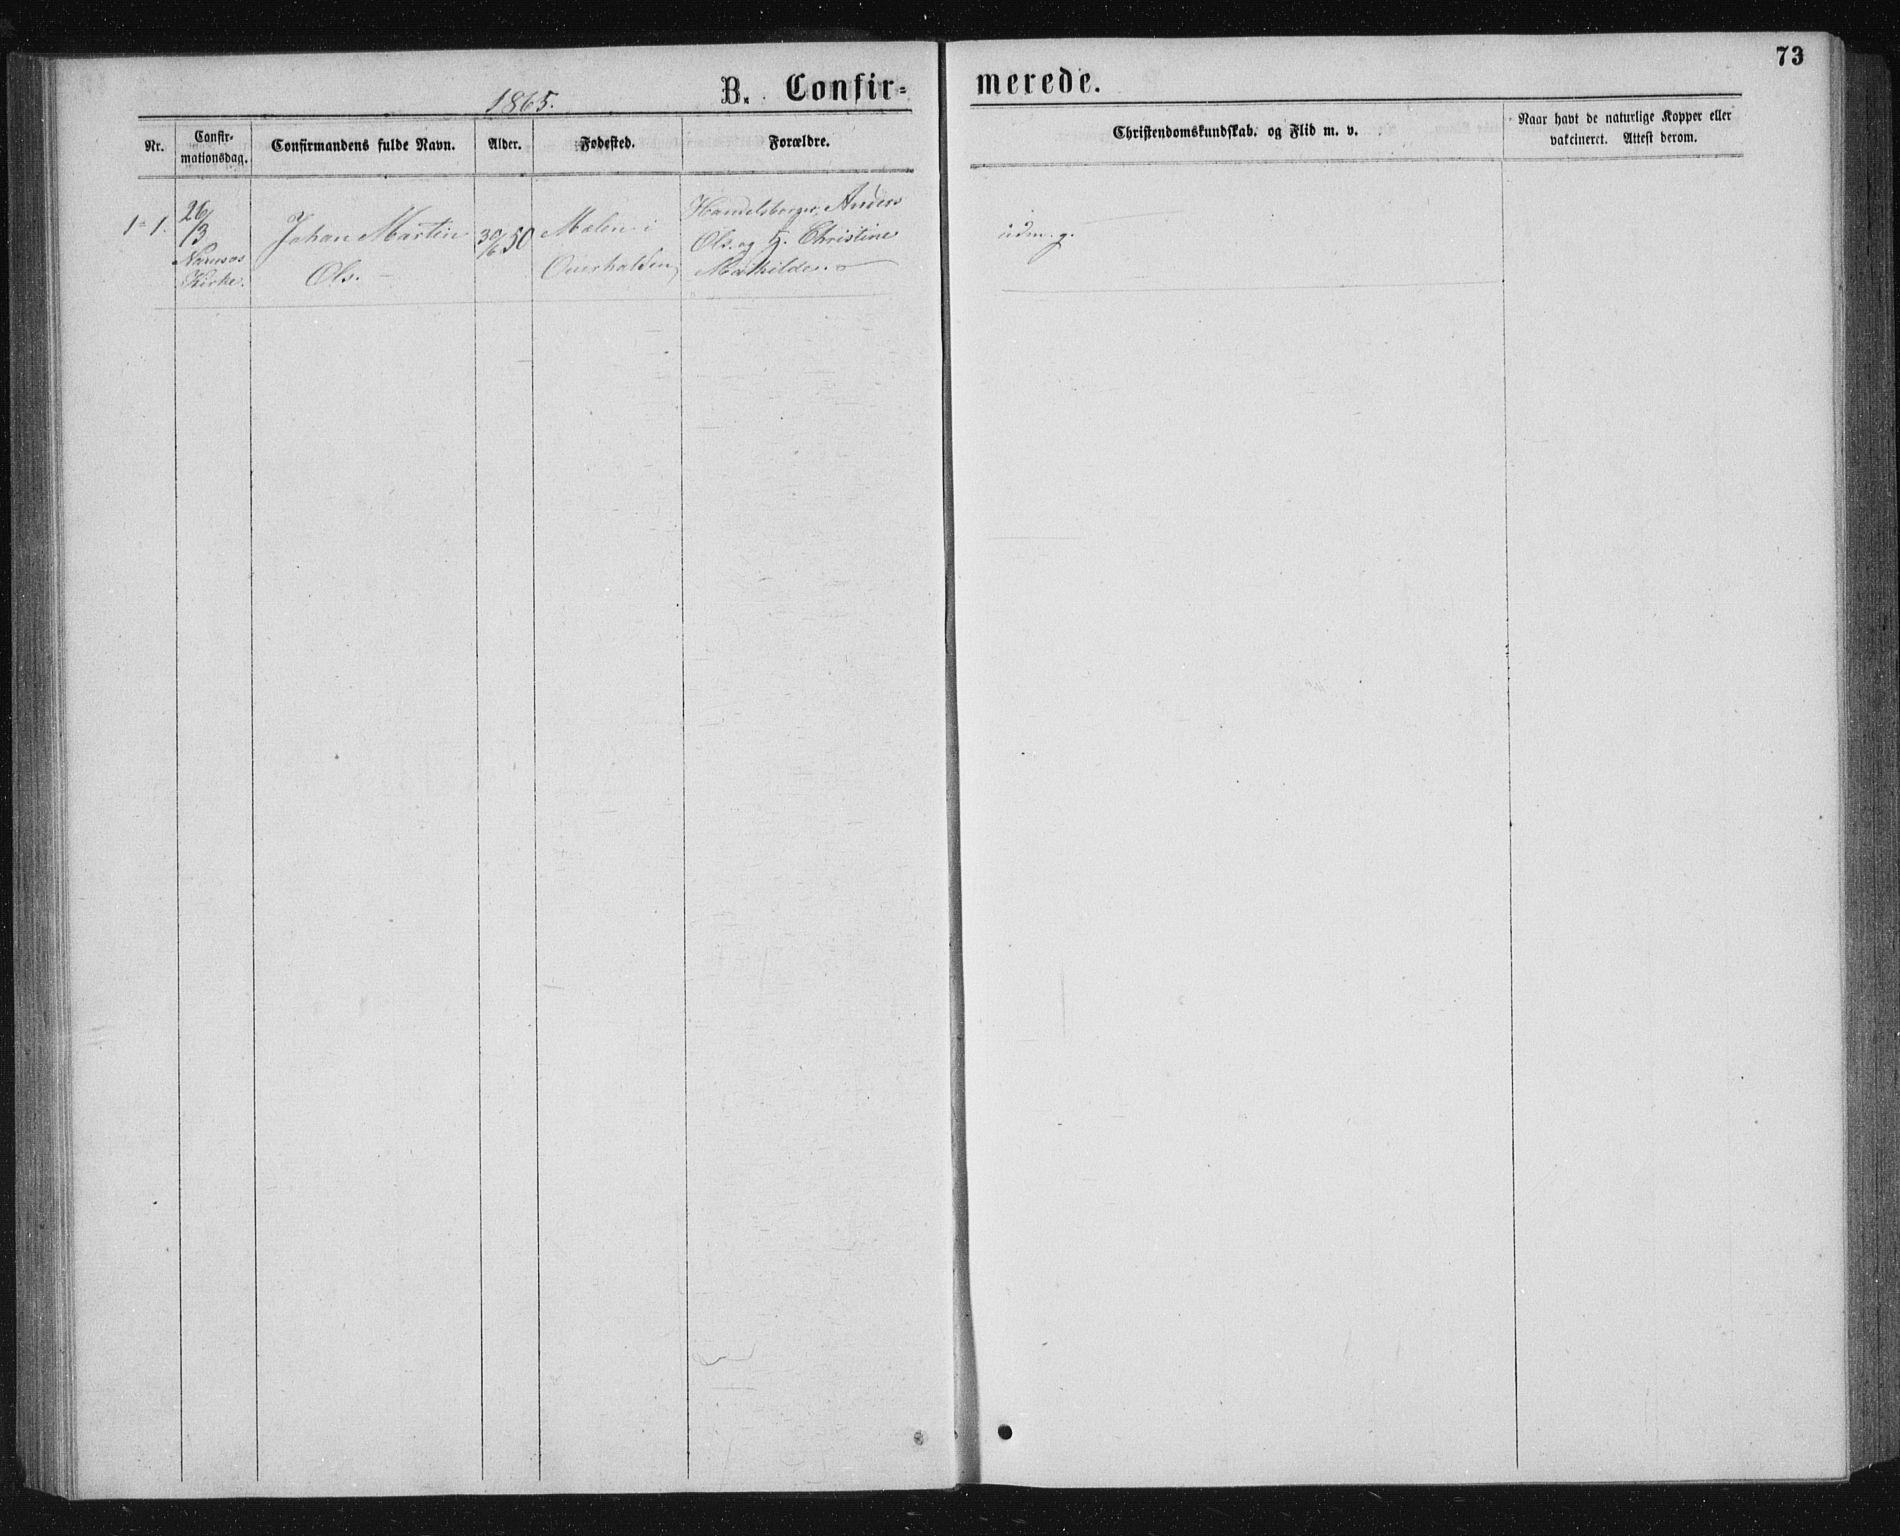 SAT, Ministerialprotokoller, klokkerbøker og fødselsregistre - Nord-Trøndelag, 768/L0567: Ministerialbok nr. 768A02, 1837-1865, s. 73